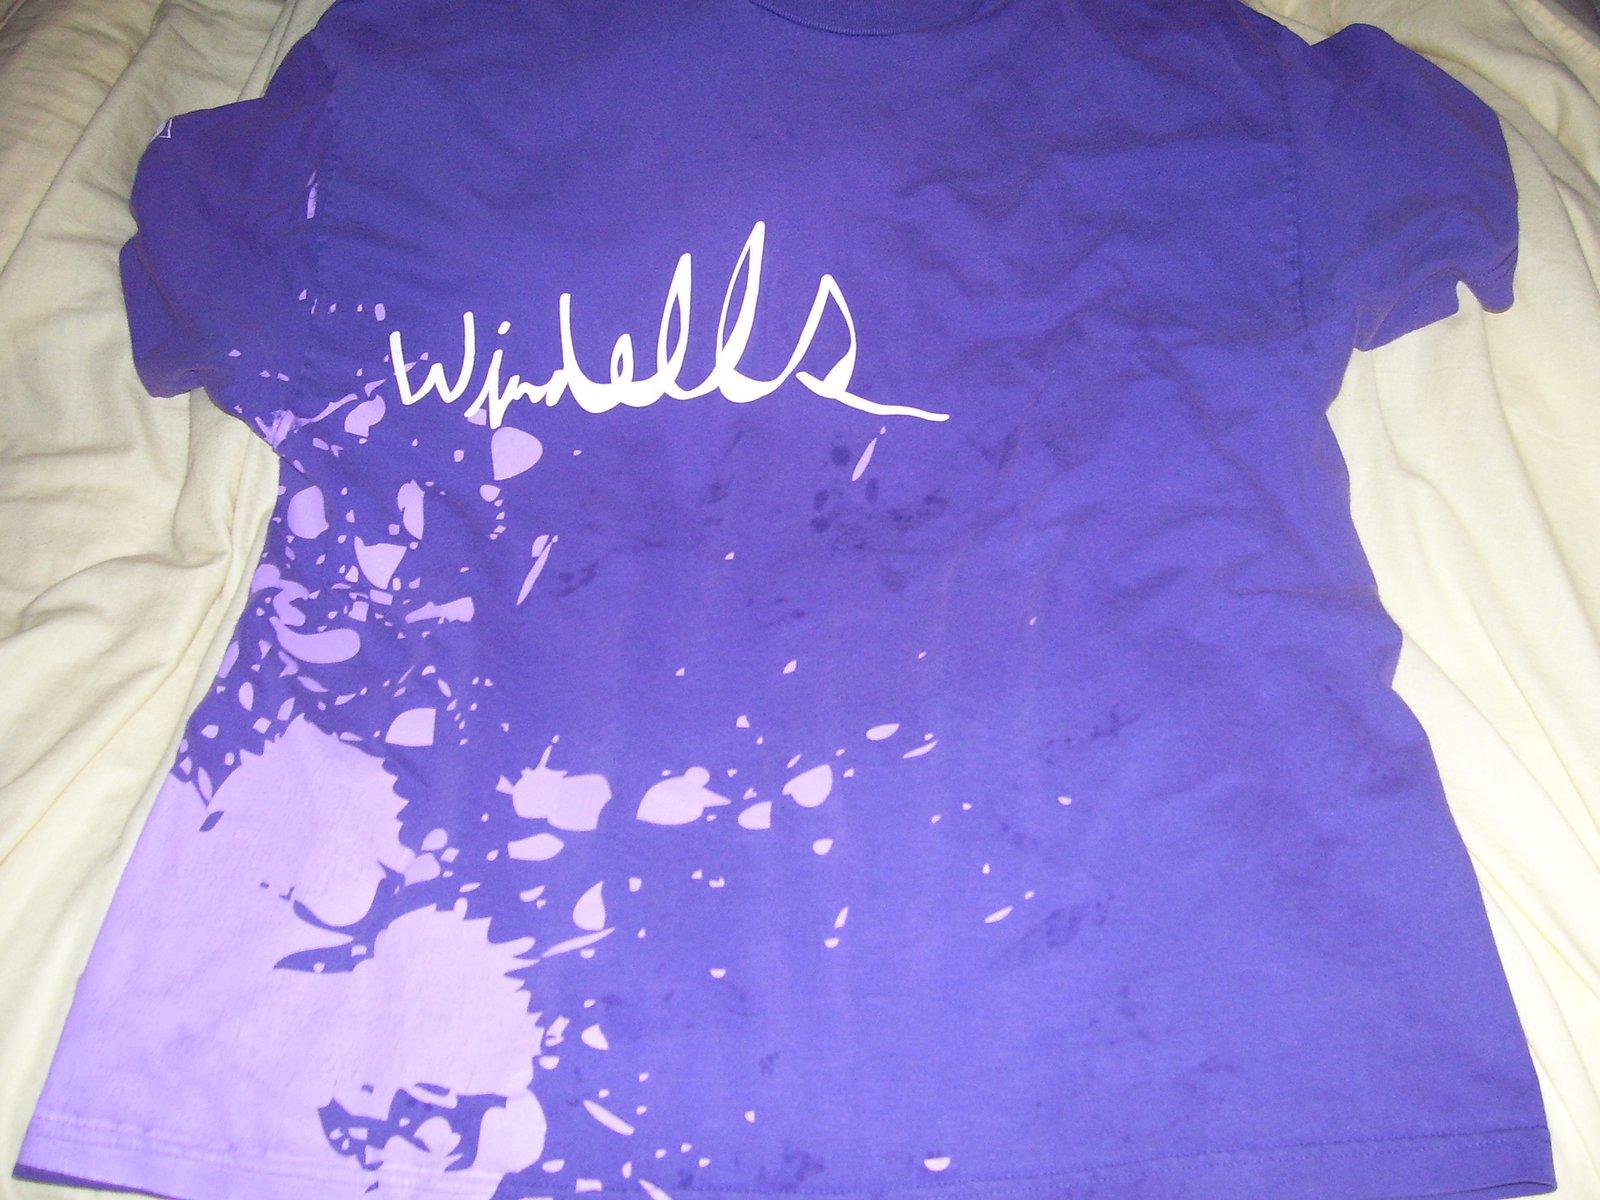 2XL windells tshirt